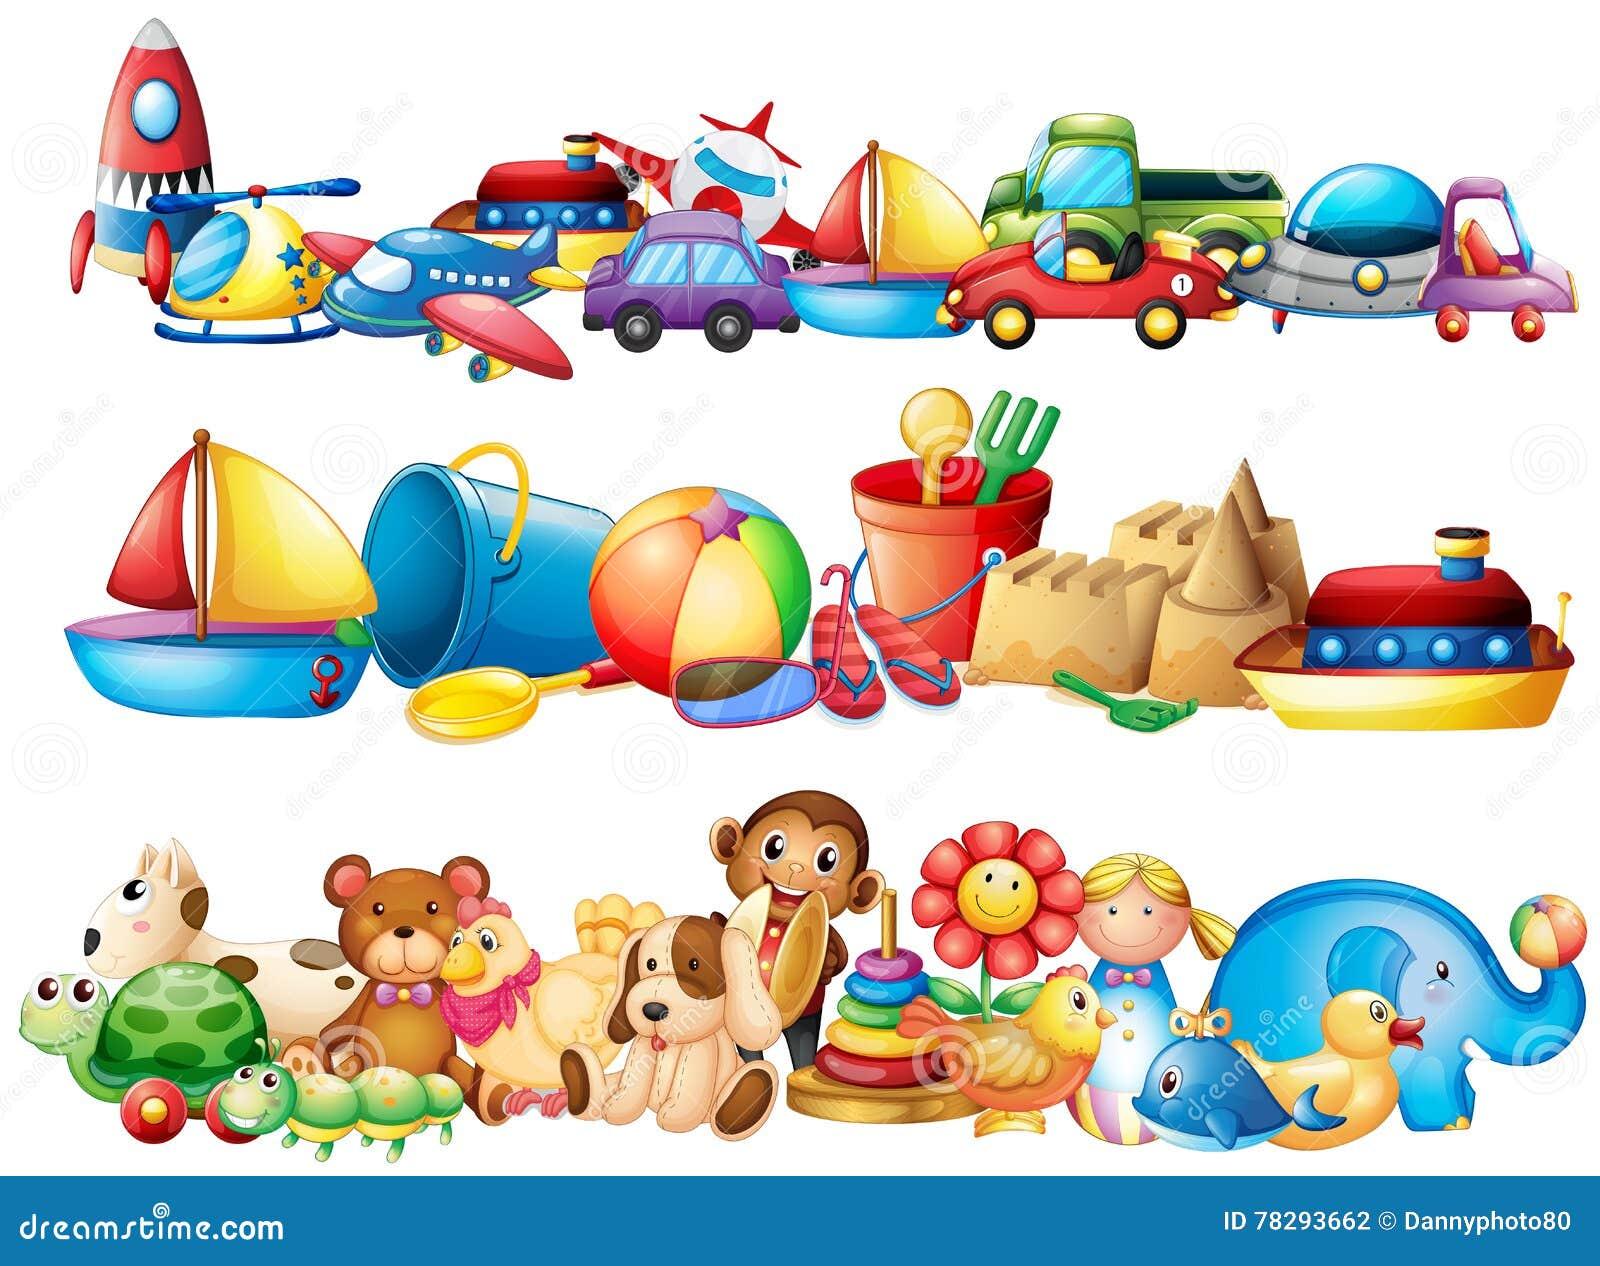 Комплект разных видов игрушек